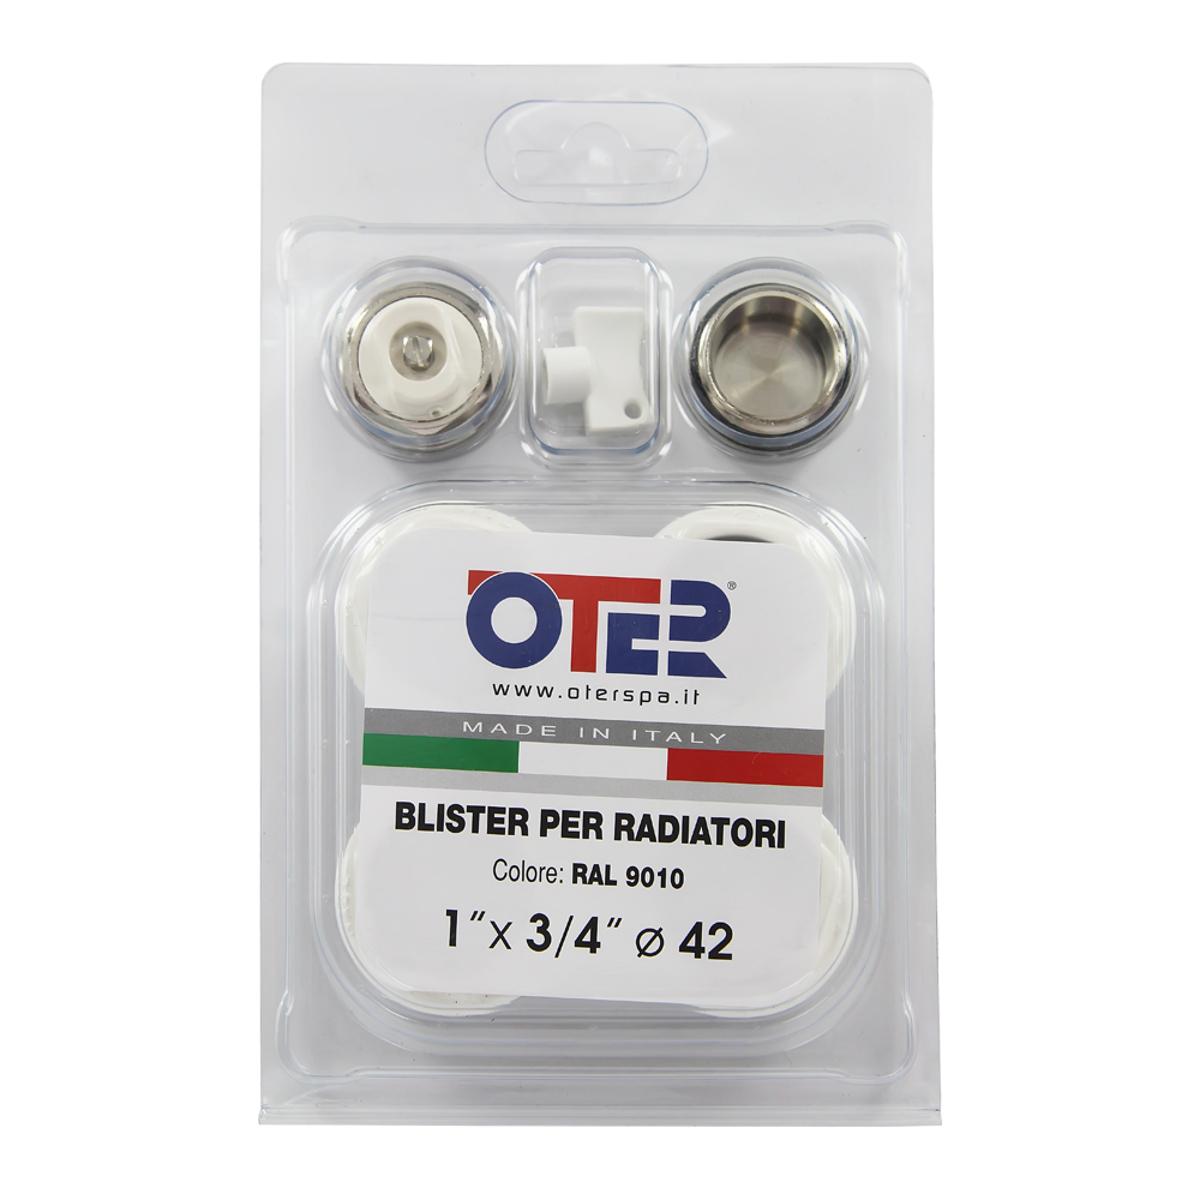 Набор комплектующих для установки радиатора 1х3/4 OTERИС.030071Комплект содержит четыре переходника с резьбы 1 на 3/4, заглушку 3/4, кран маевского 3/4 и ключ для крана маевского. Все резьбовые соединения снабжены прокладками. Диаметр 1: 1 (25 мм) Диаметр 2: 3/4 (20 мм)